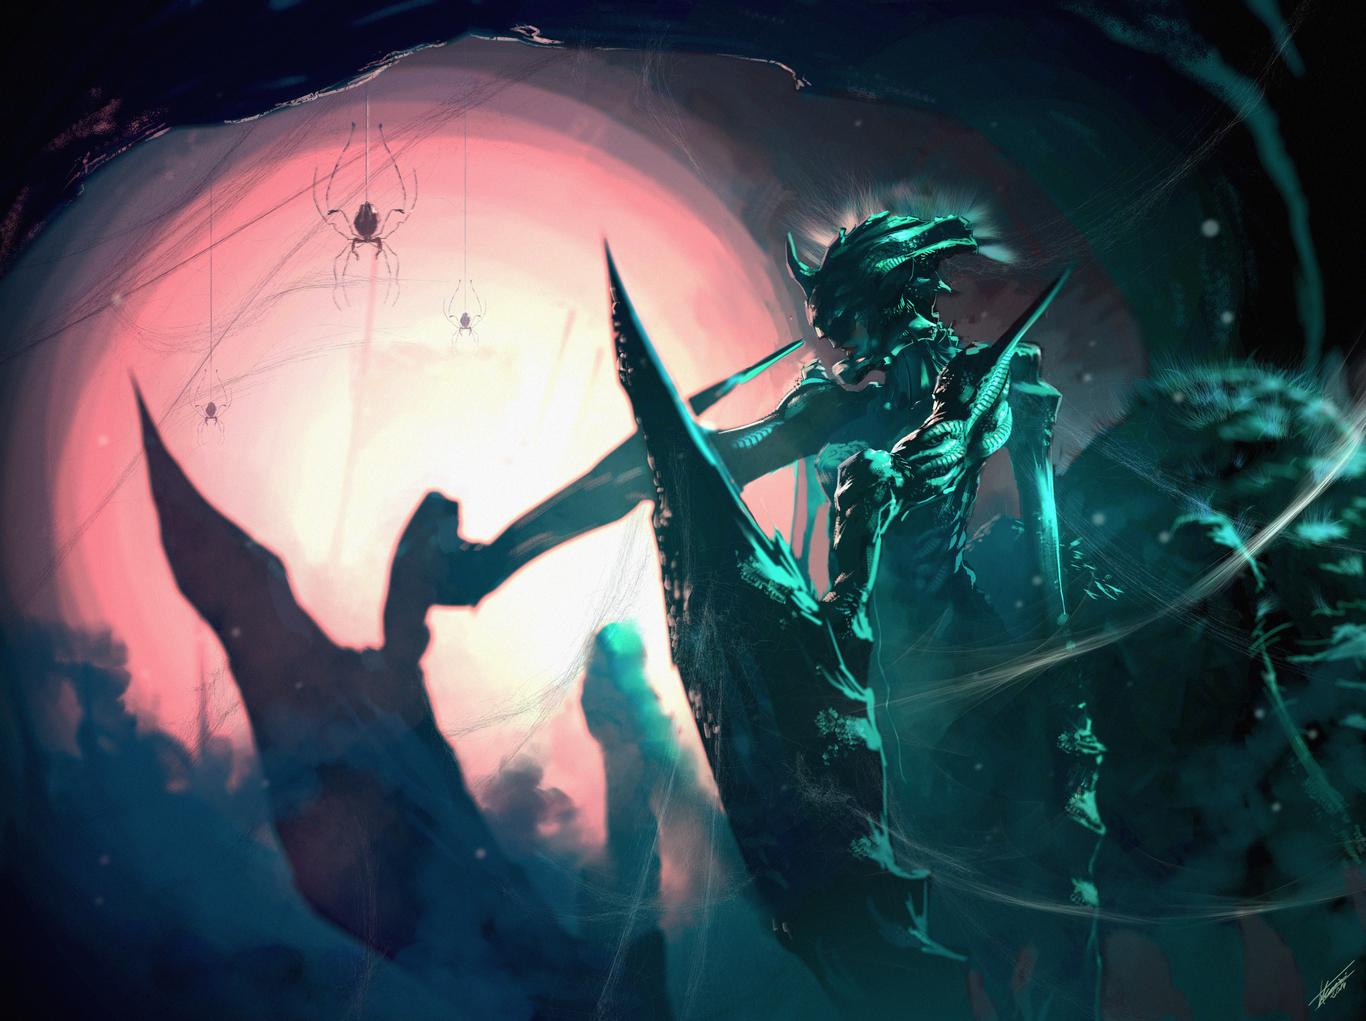 Zeroxenon777 wake up spider queen 1 776c8de0 o4dv